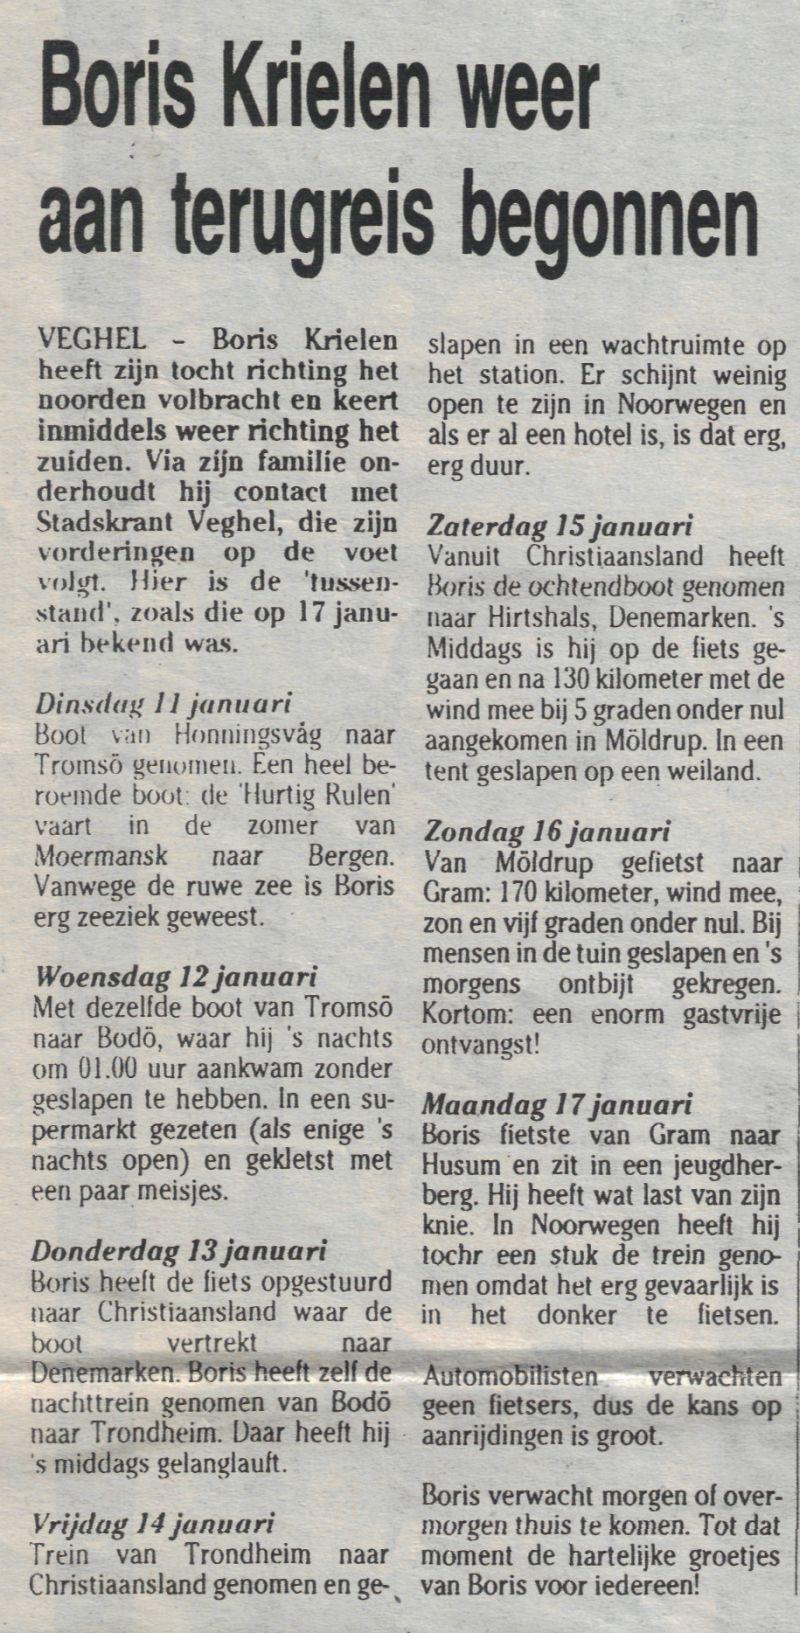 noordkaap_19940120_stadskrant-veghel